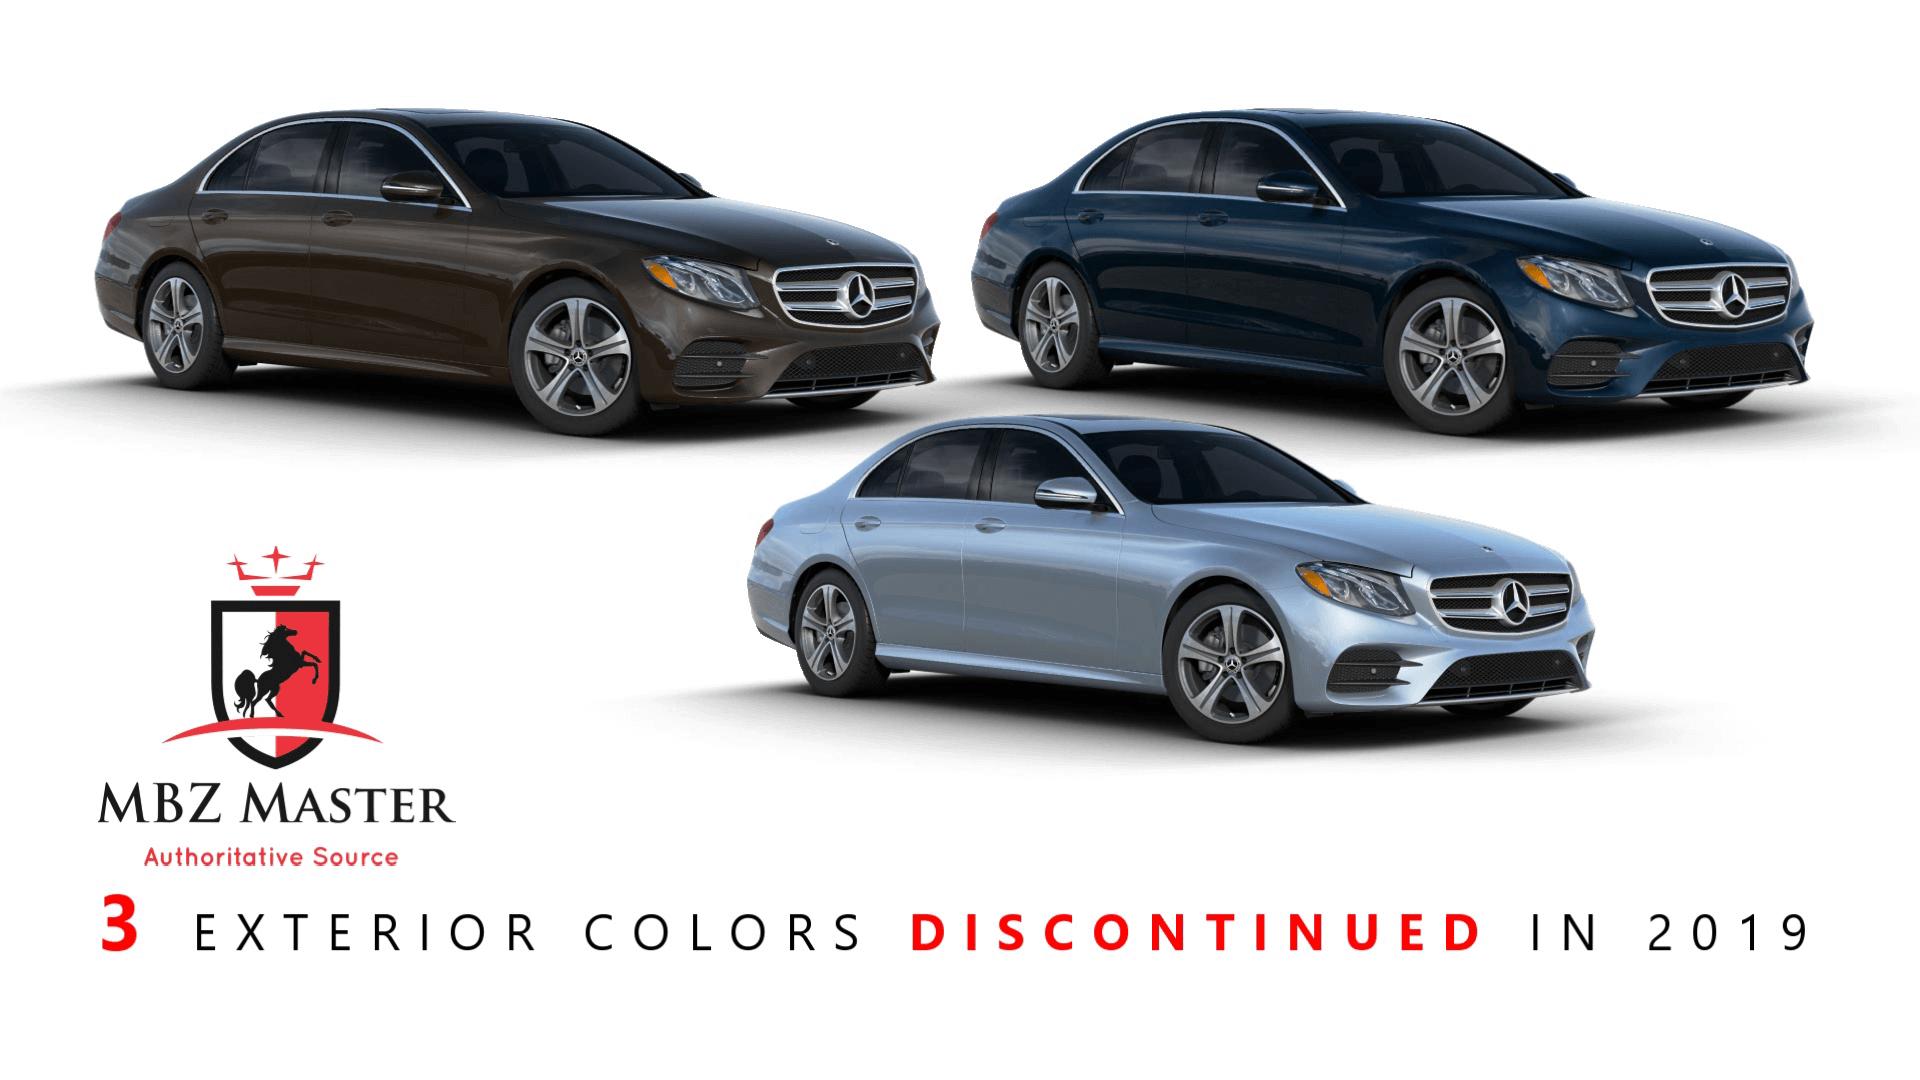 2019 Mercedes E-Class Discontinued colors